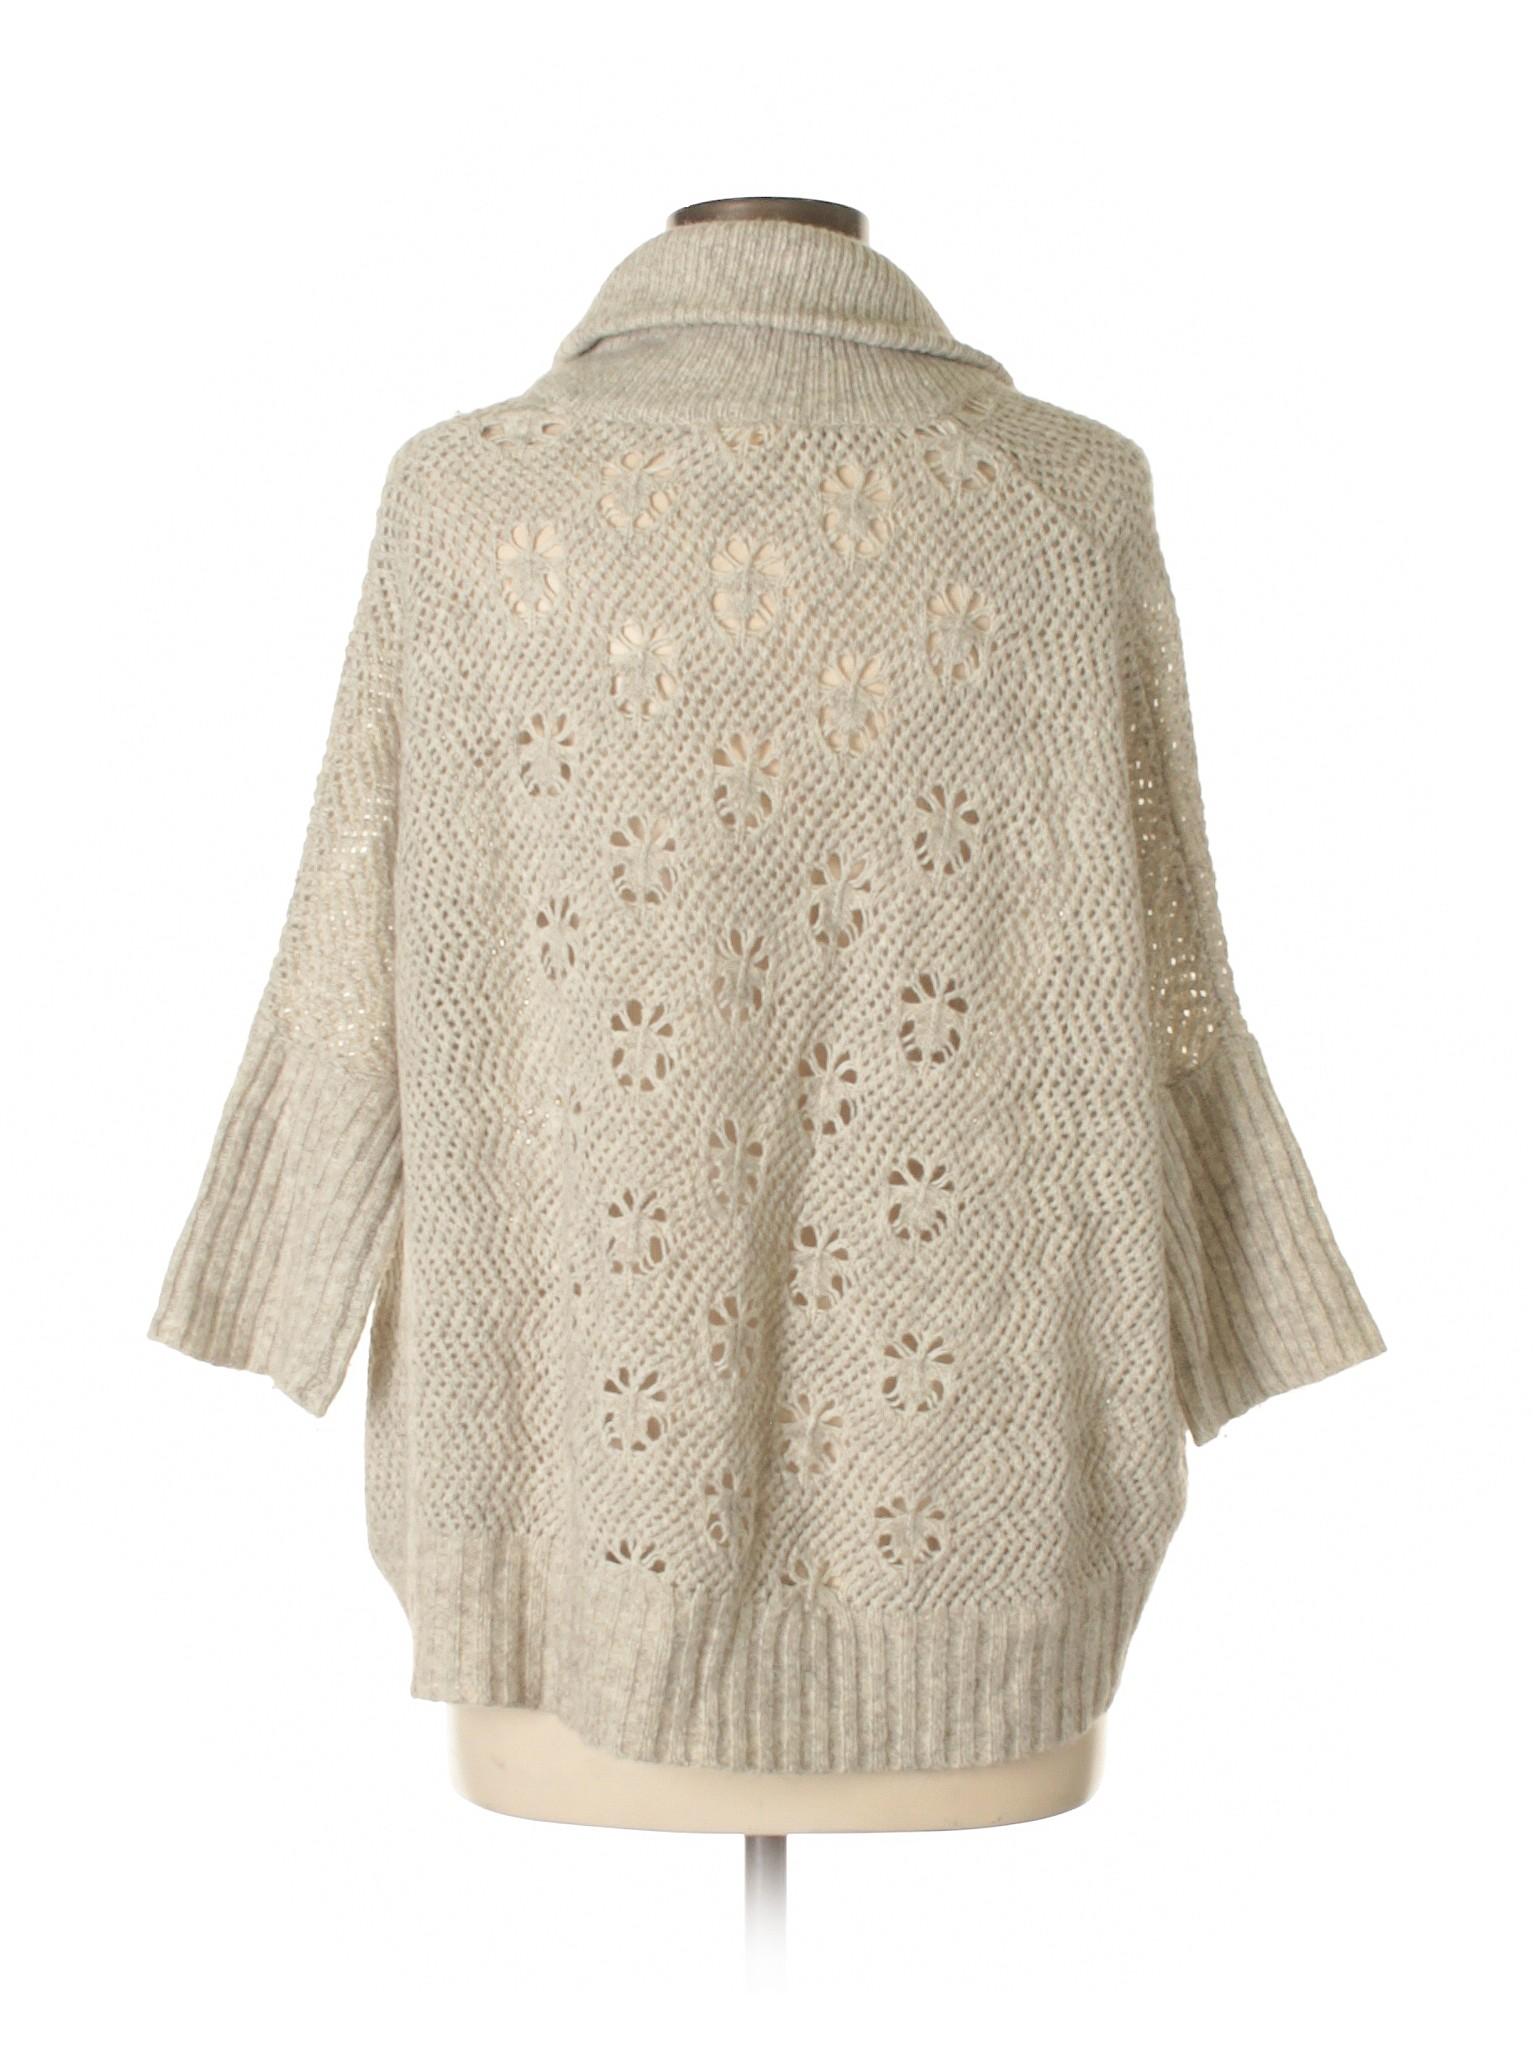 Pullover winter Sweater Boutique LA Made wqX8TP7v